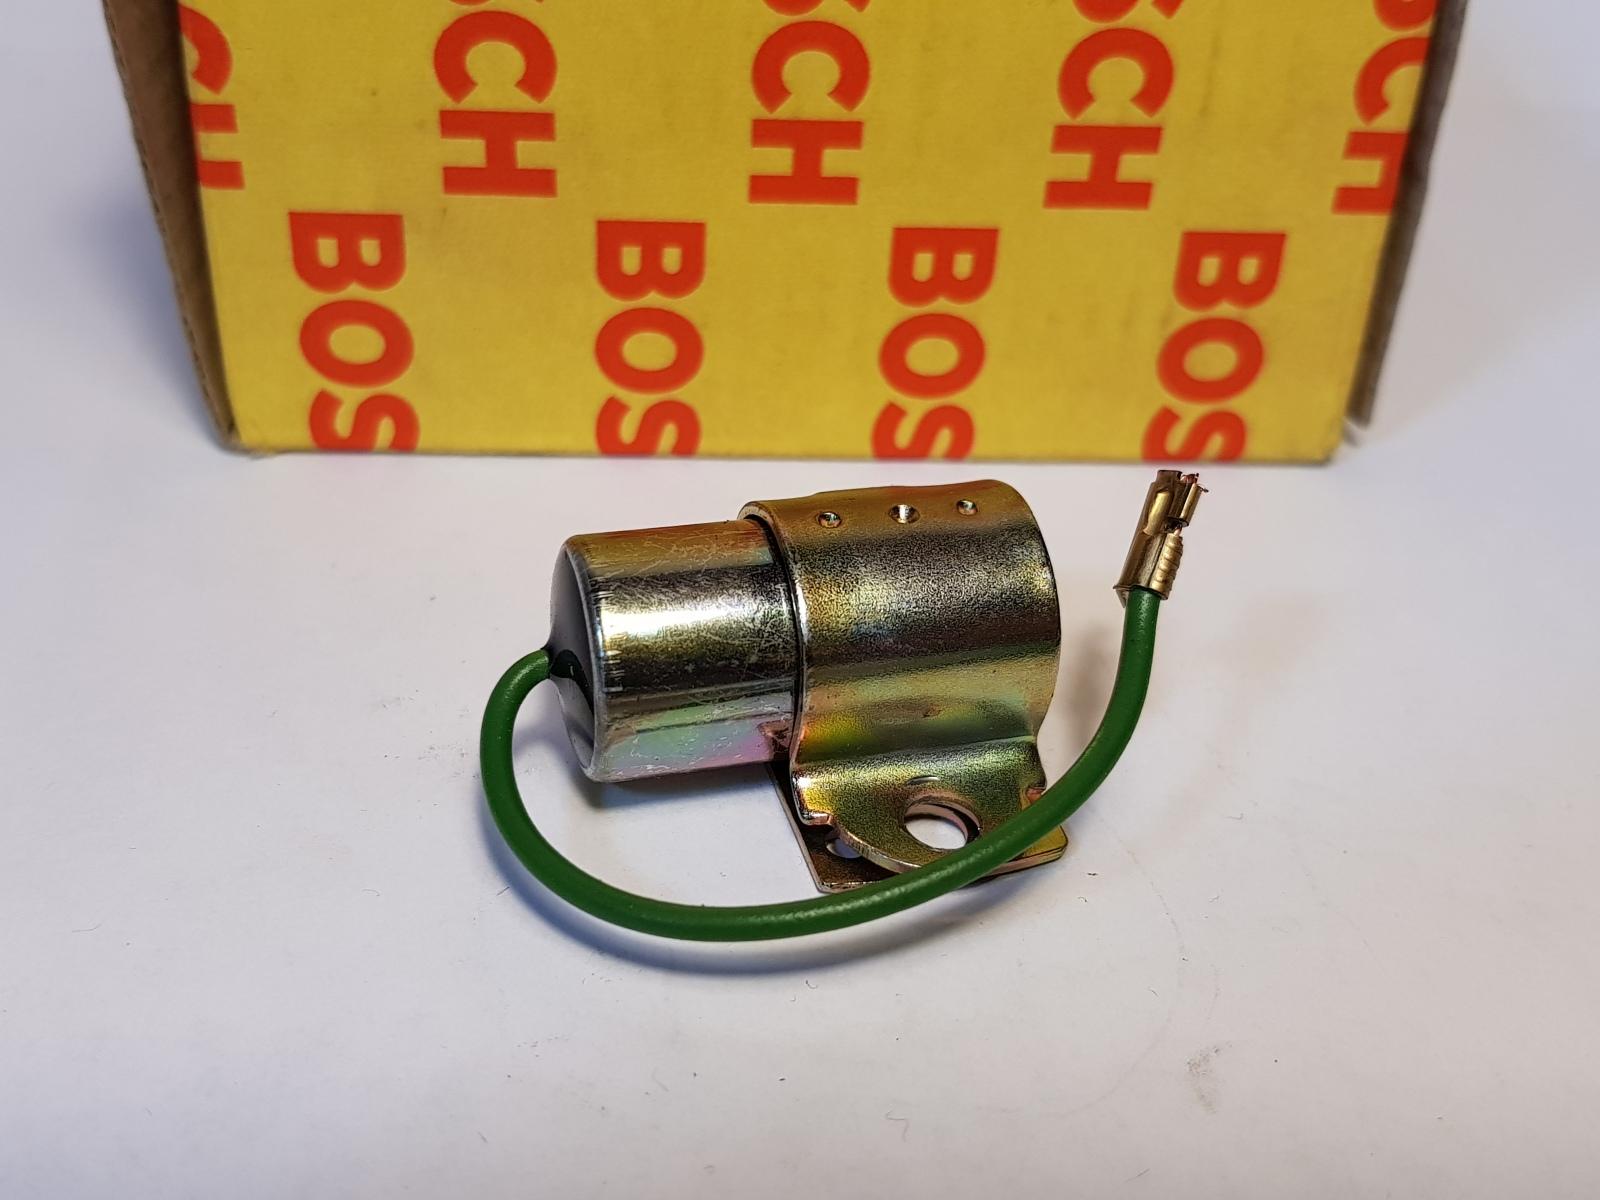 Bosch 1237330824 Kondensator Zündanlage Electrical Condenser Condenseur